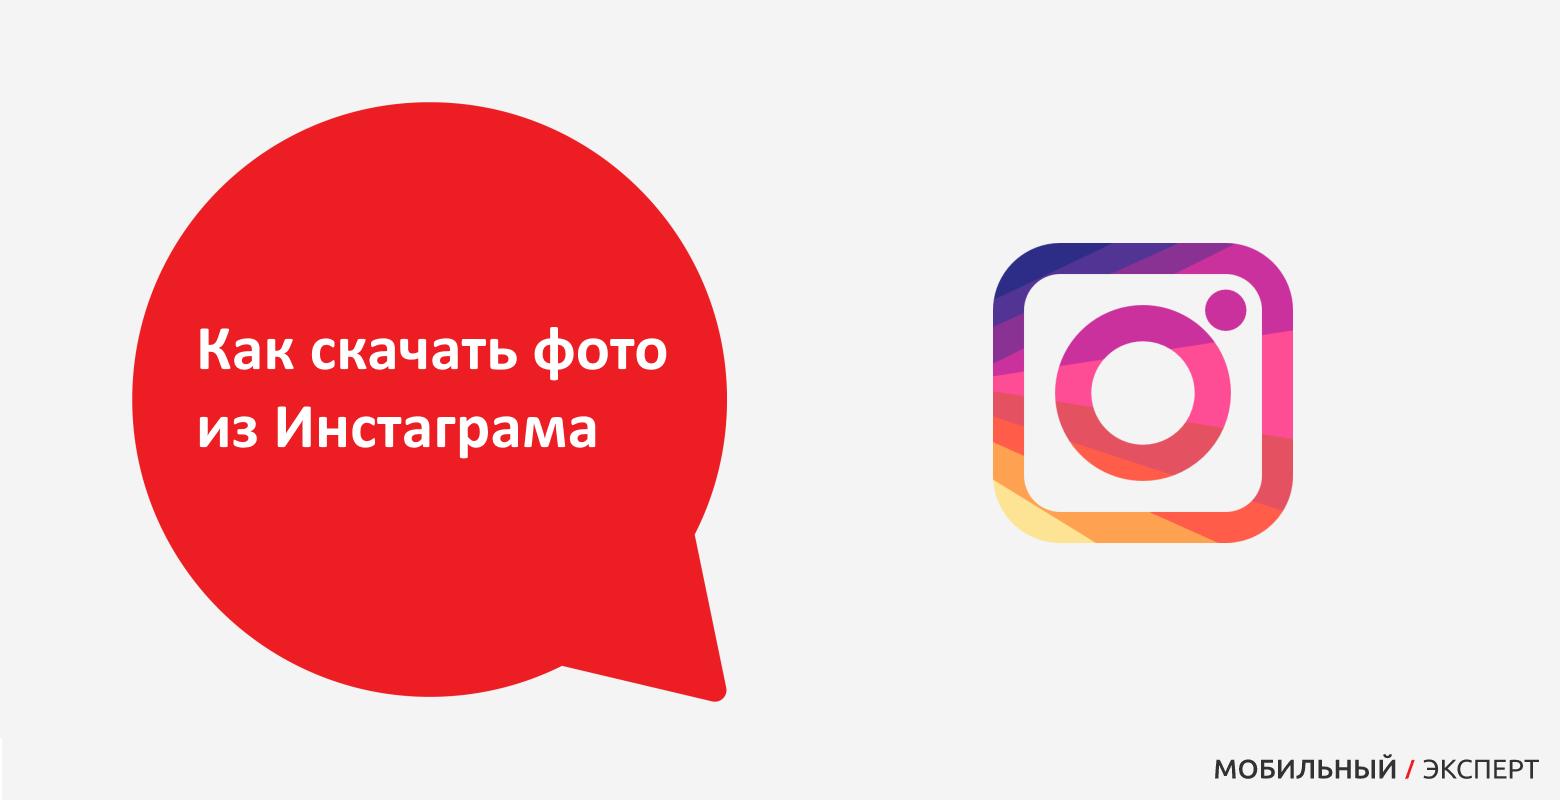 Скачать фото из Инстаграм